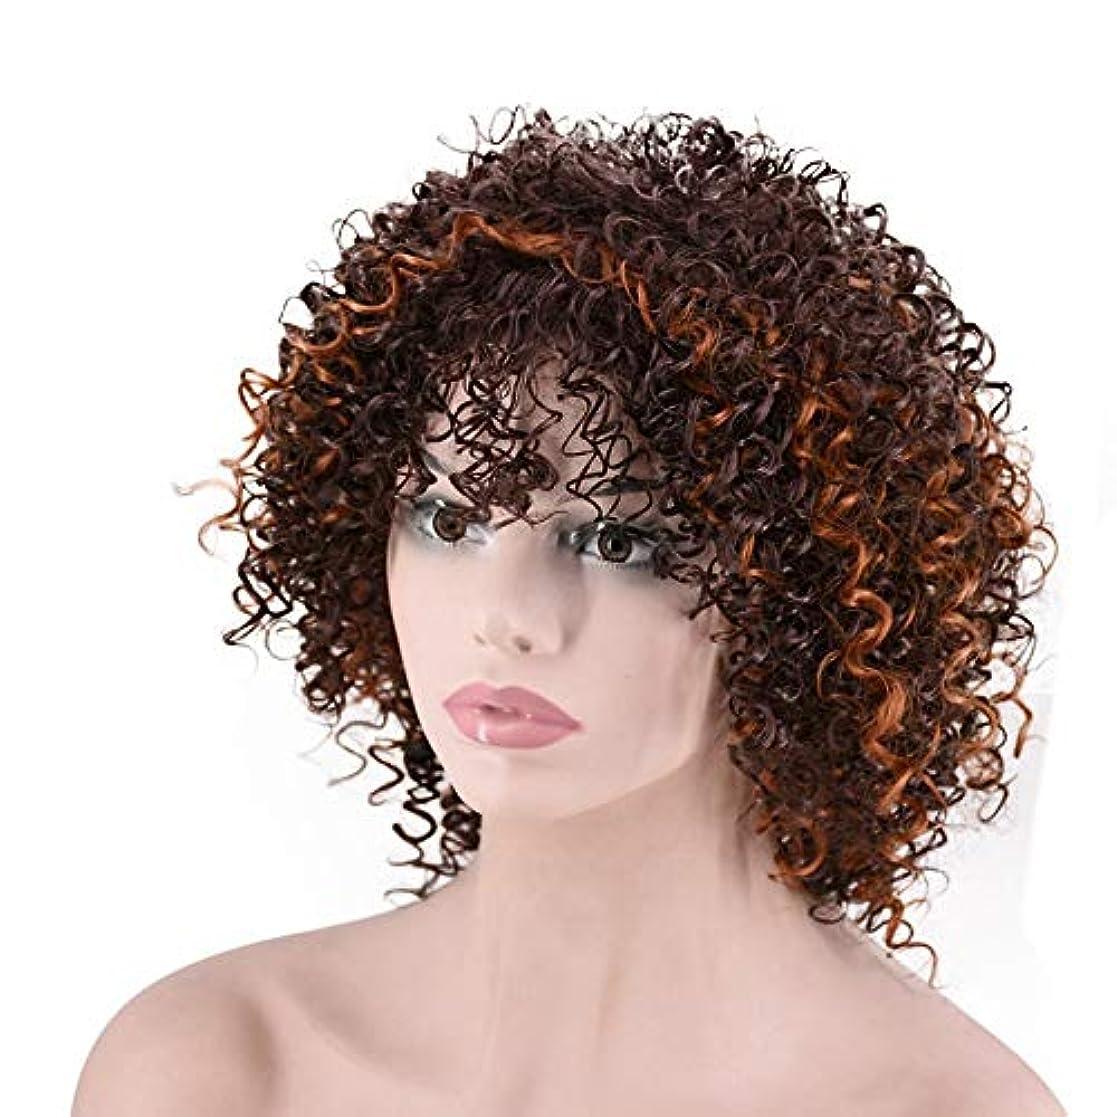 どんなときも芽霊YOUQIU 女性のデイリードレスウィッグのための短い波状カーリーヘアブラウン熱金庫人工毛 (色 : Photo Color)